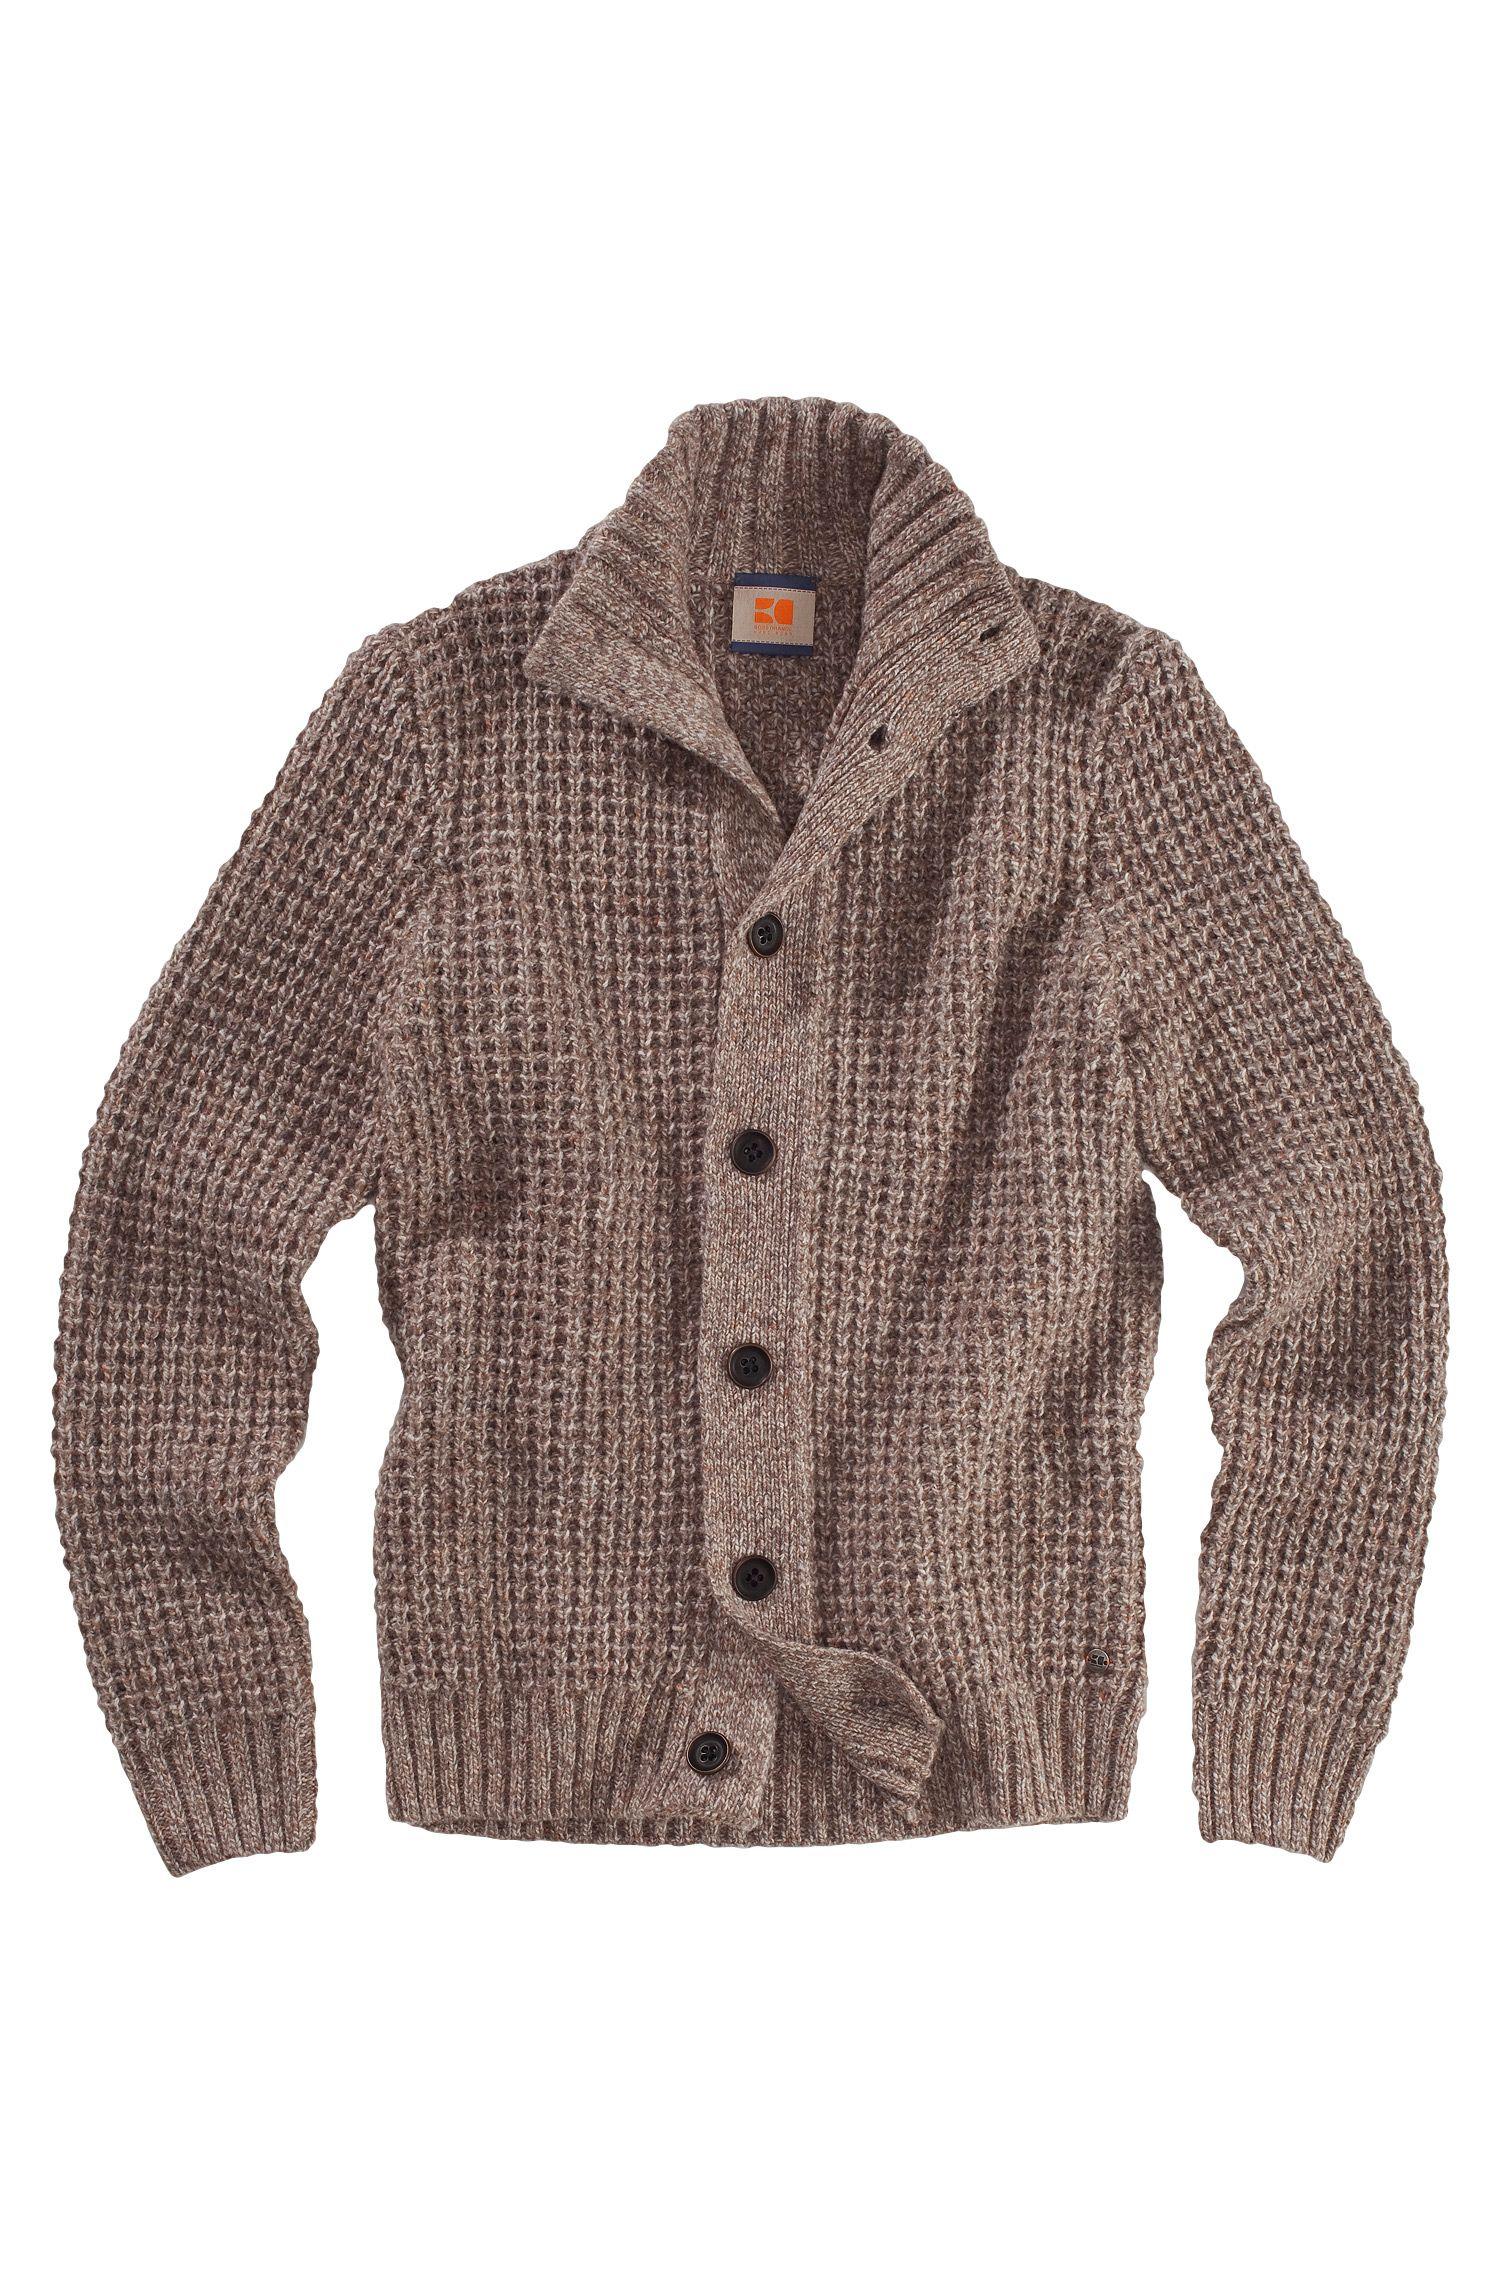 Cardigan en laine vierge mélangée, Aris